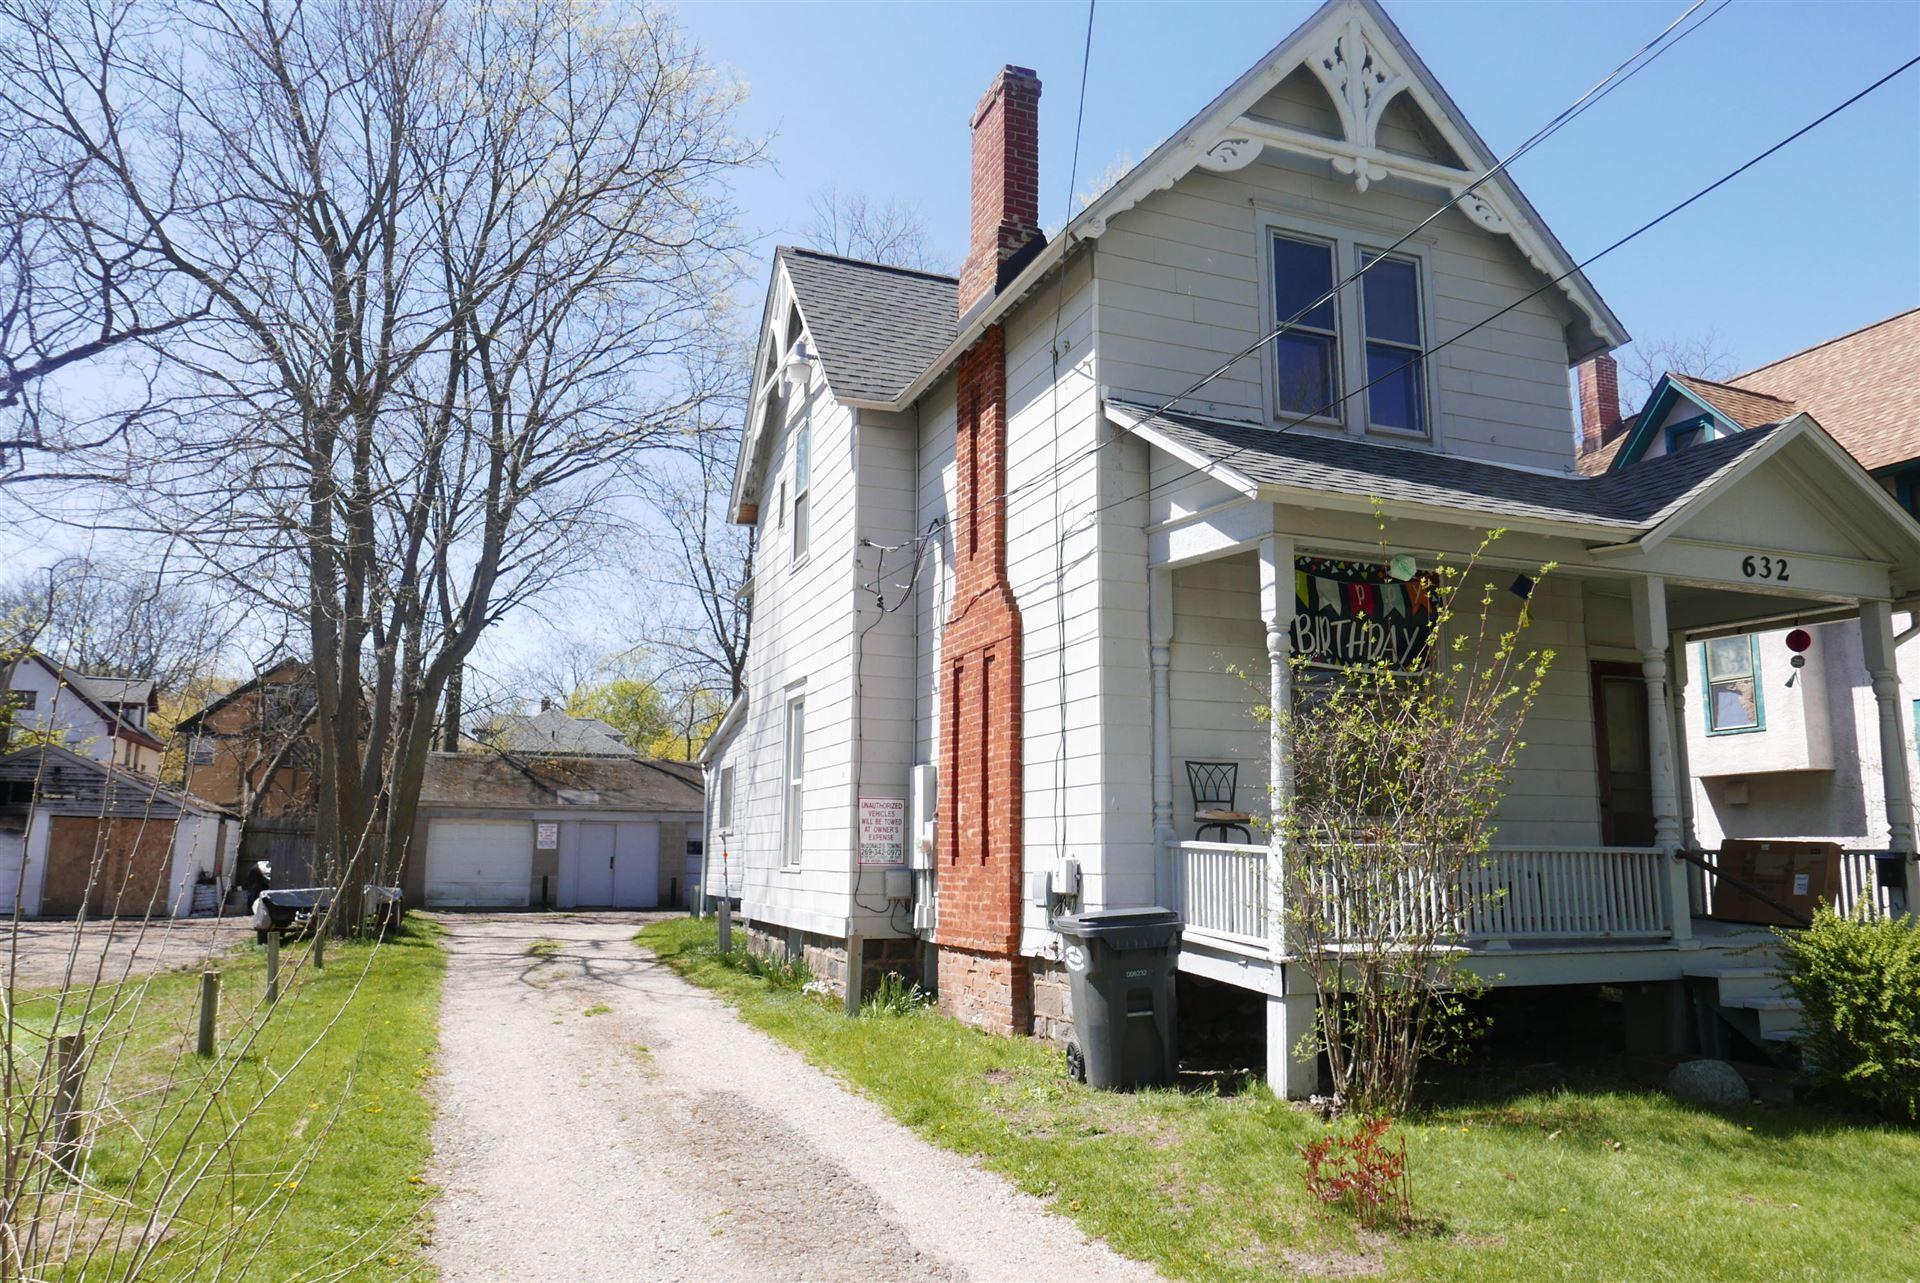 632 Oak Street, Kalamazoo, MI 49008 - MLS#: 21016065